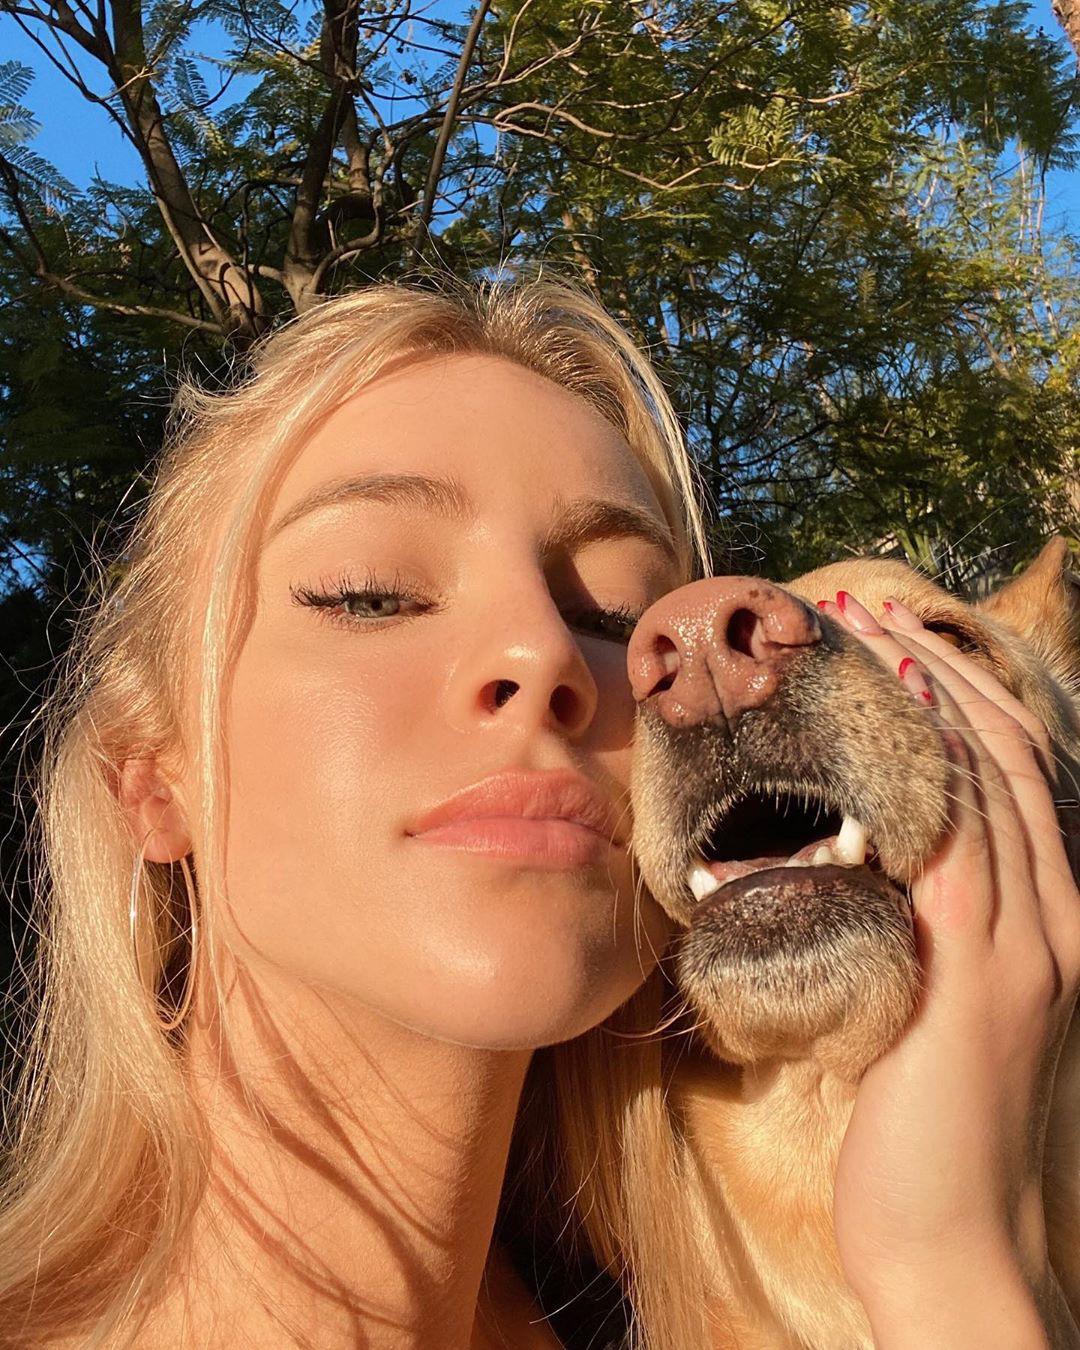 Daisy Keech outdoor fun, Cute Face, Beautiful Lips